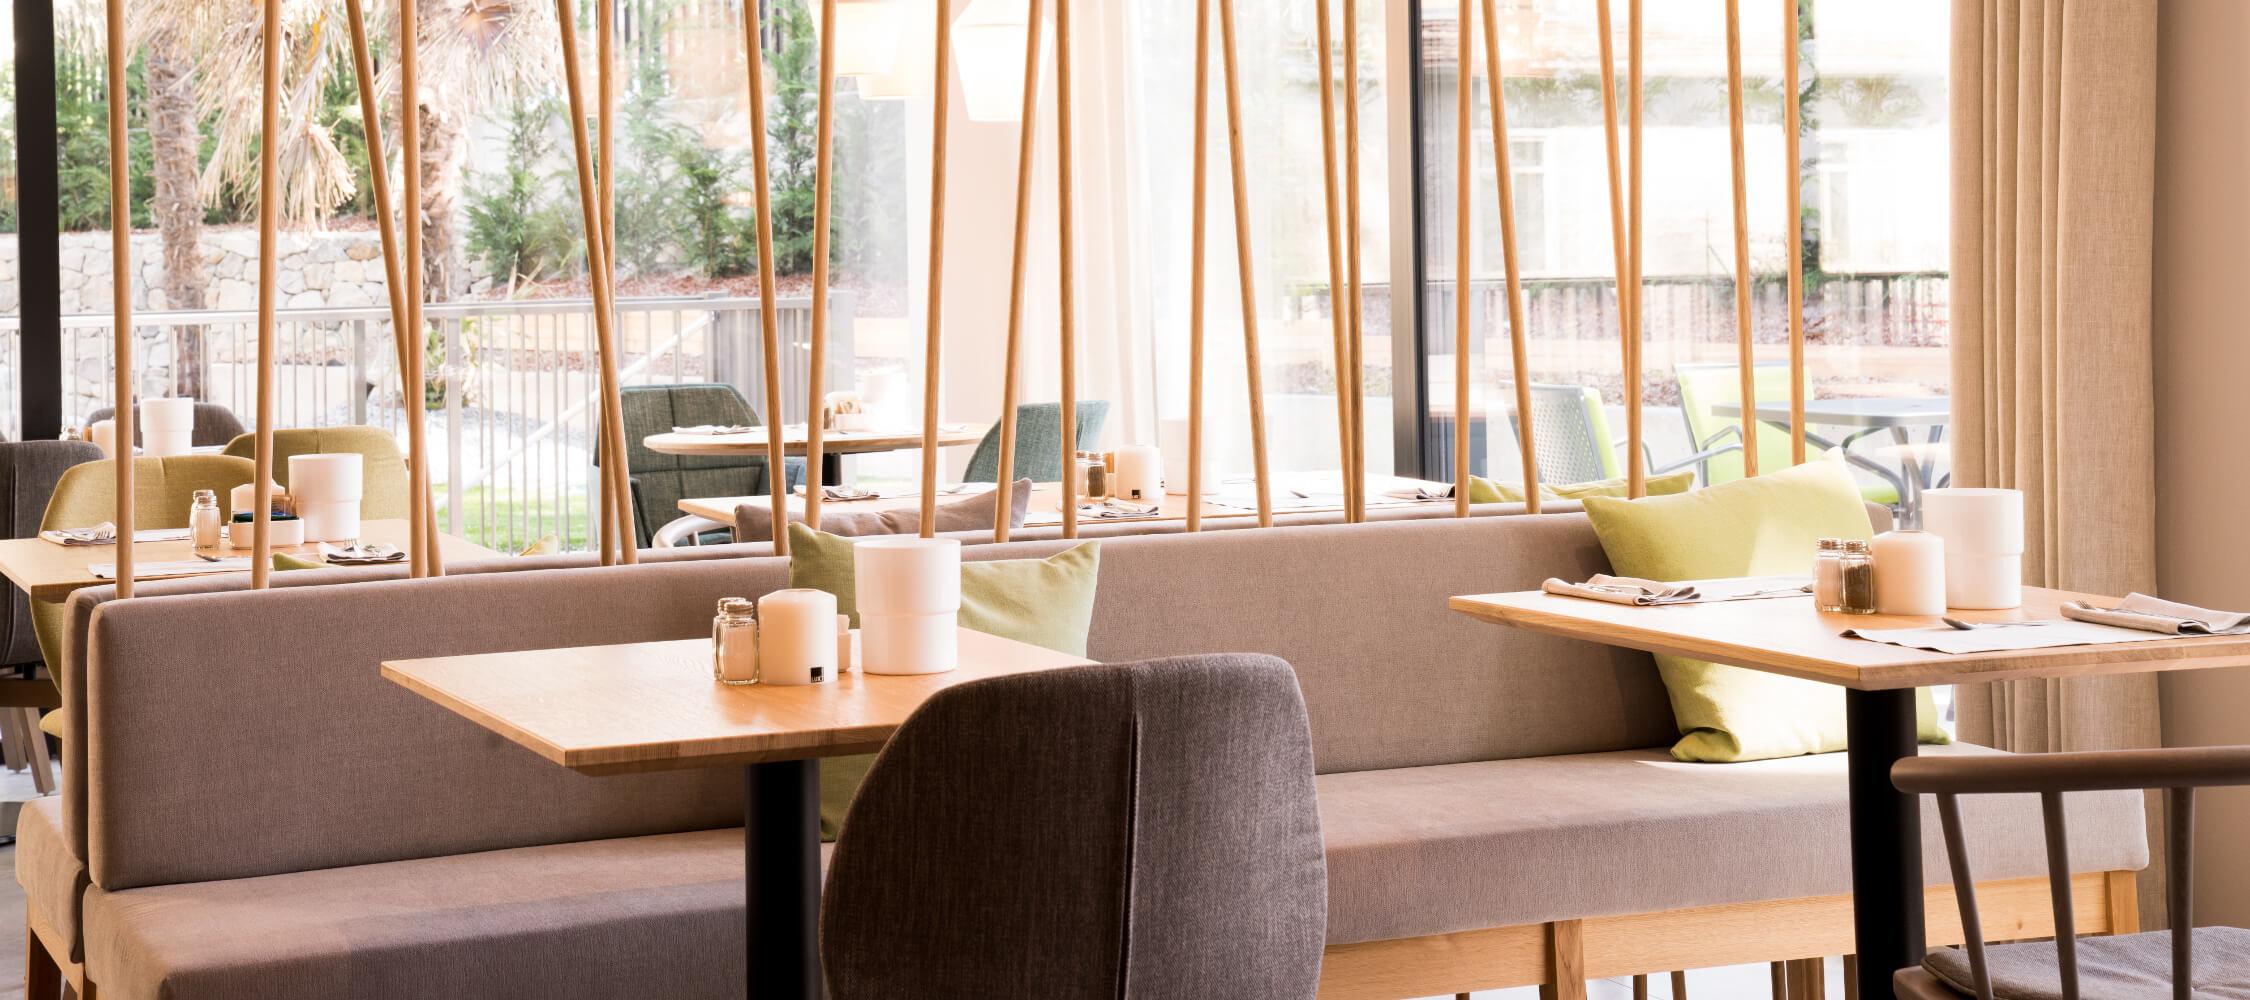 Hotel Flora, Meran, Südtirol, Stadthotel, Garten, modern, Lobby, Frühstücksraum, Aussenpool, zentrale Lage